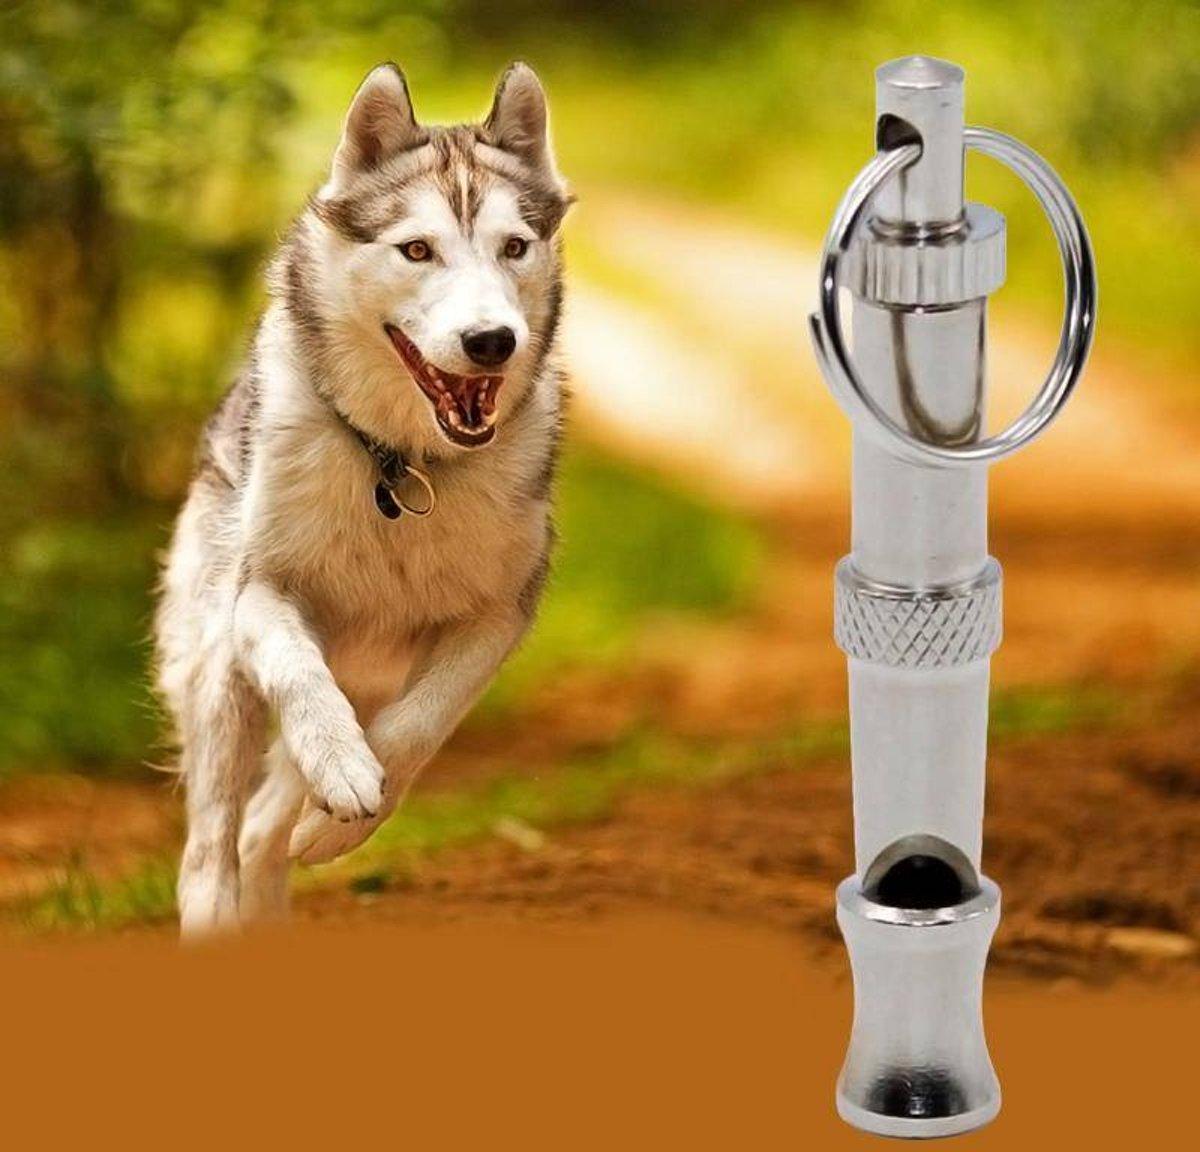 Hoogfrequentie Hondenfluitje kopen